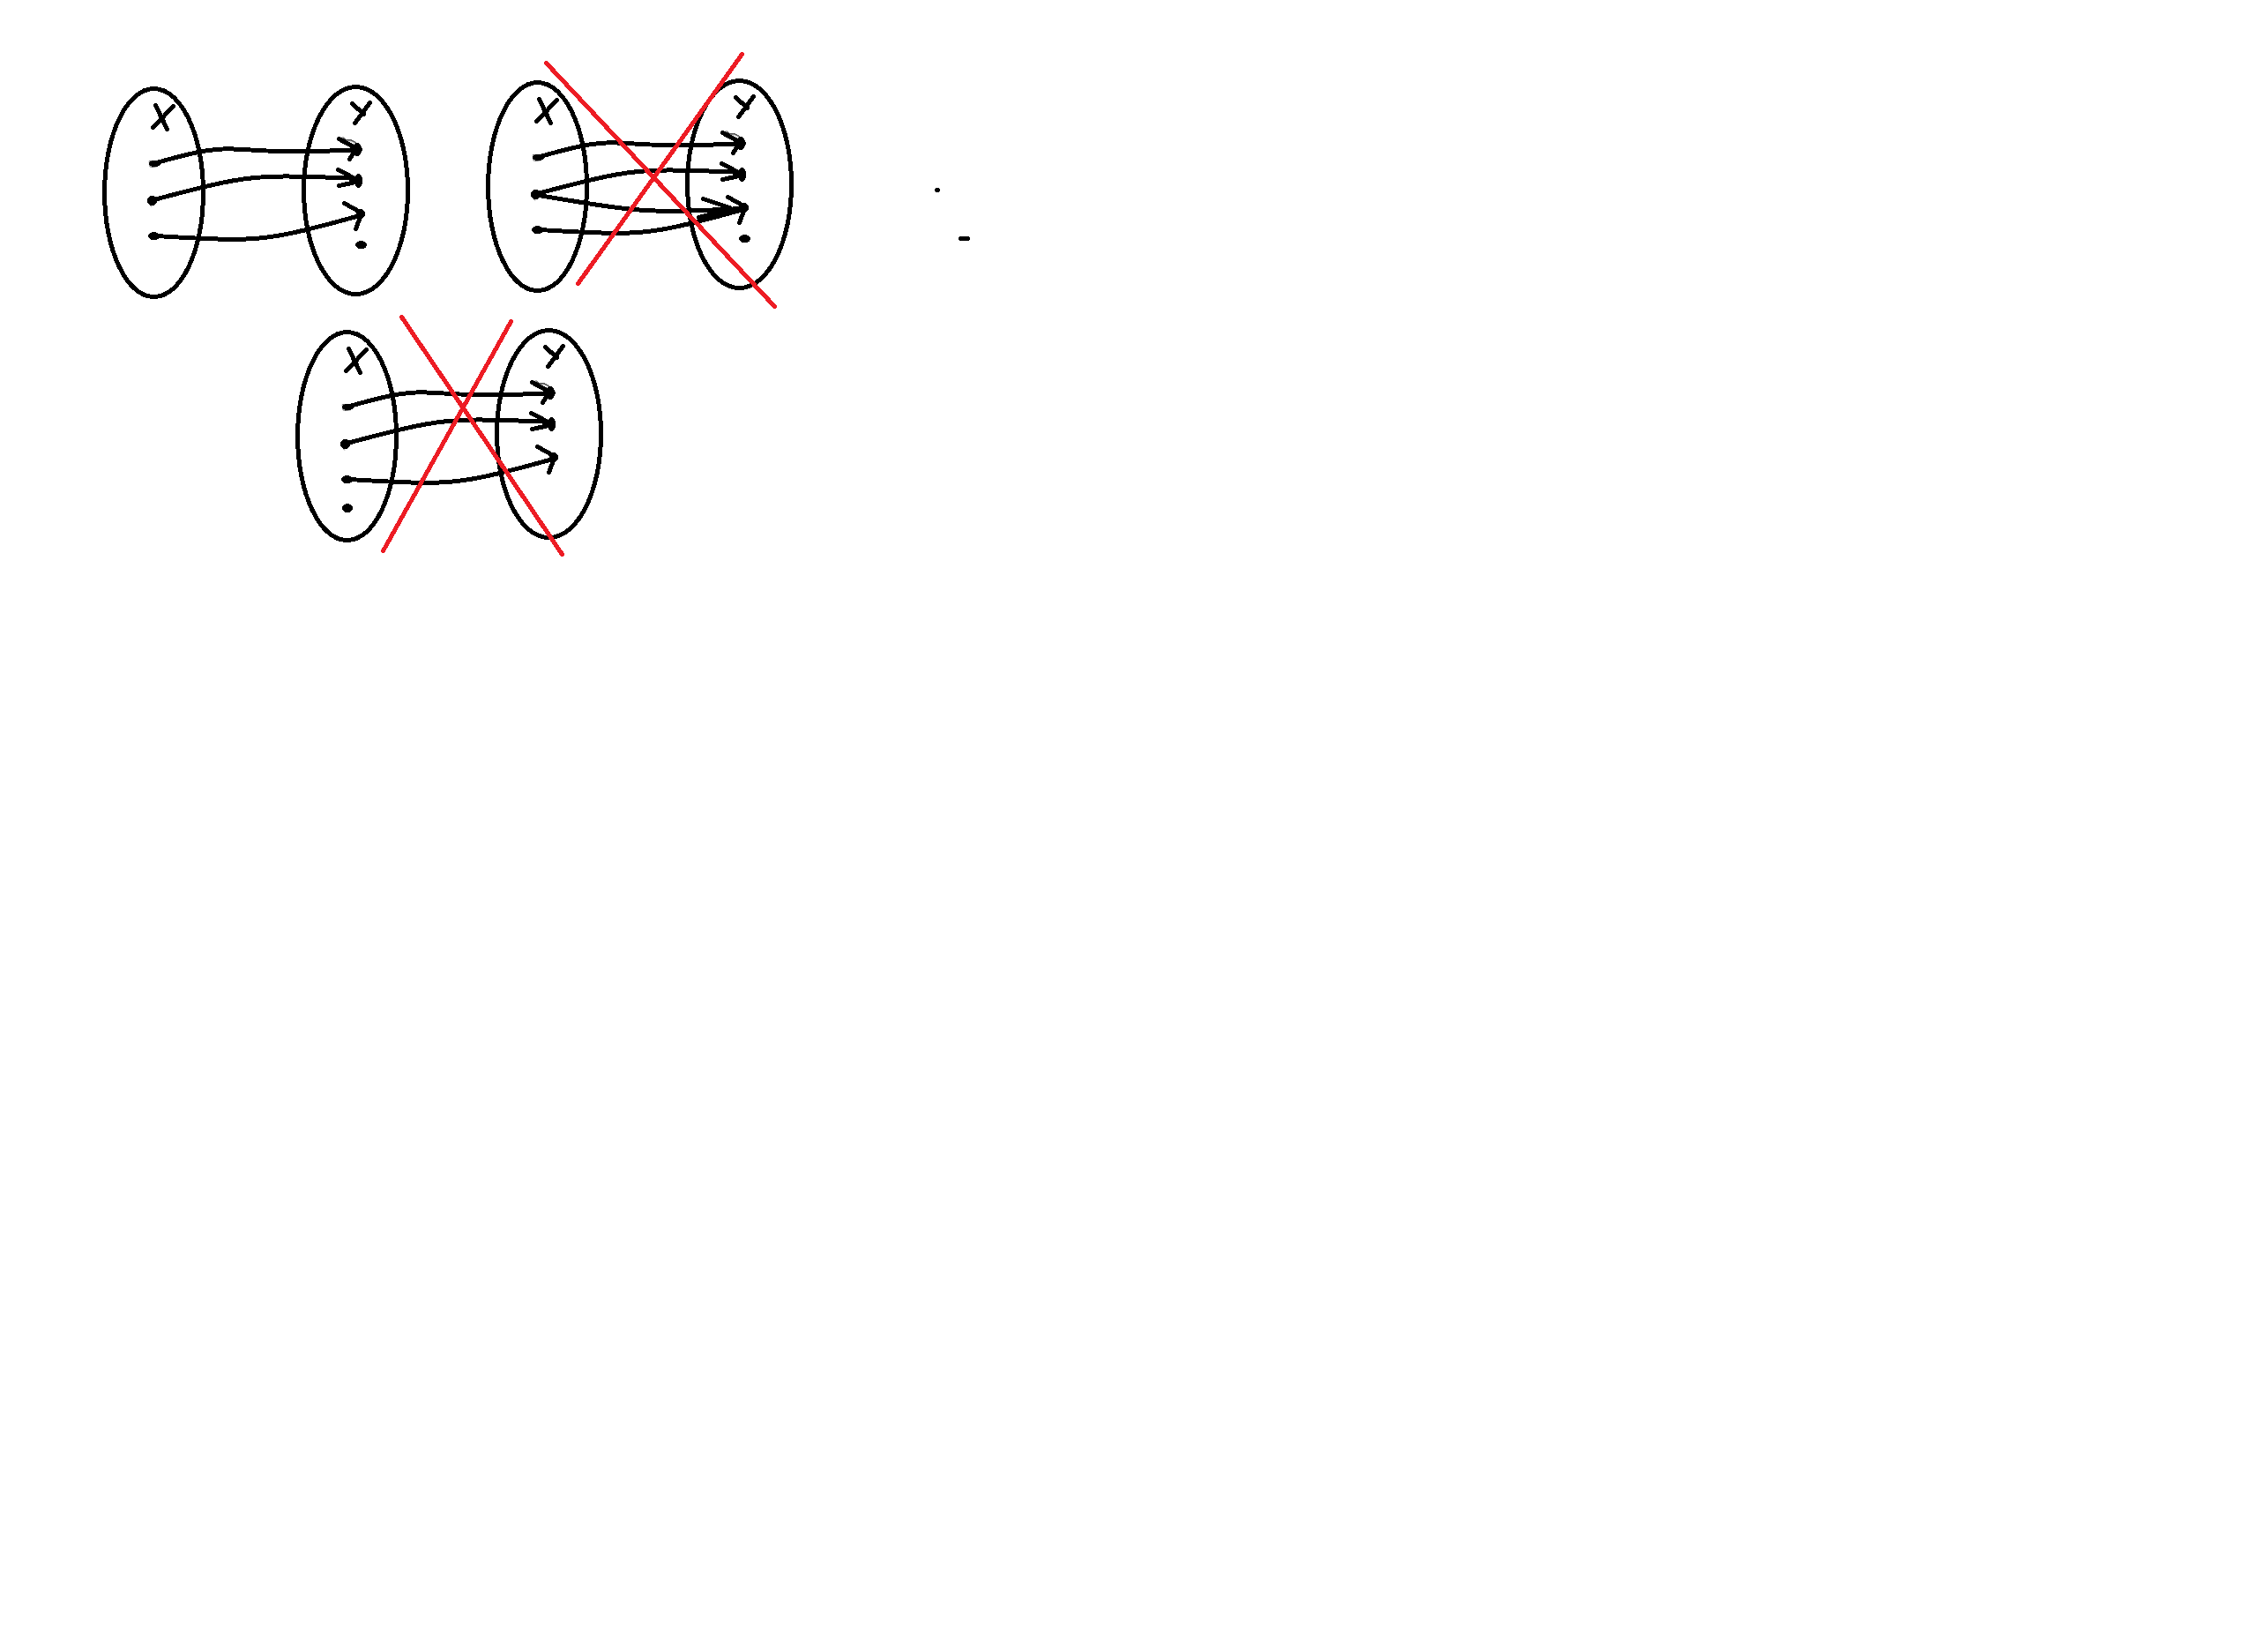 D:\Desktop\Школа\ДЛЯ УРОКОВ\поурочные планы\алгебра 9 диски\1 четверть\графы.bmp